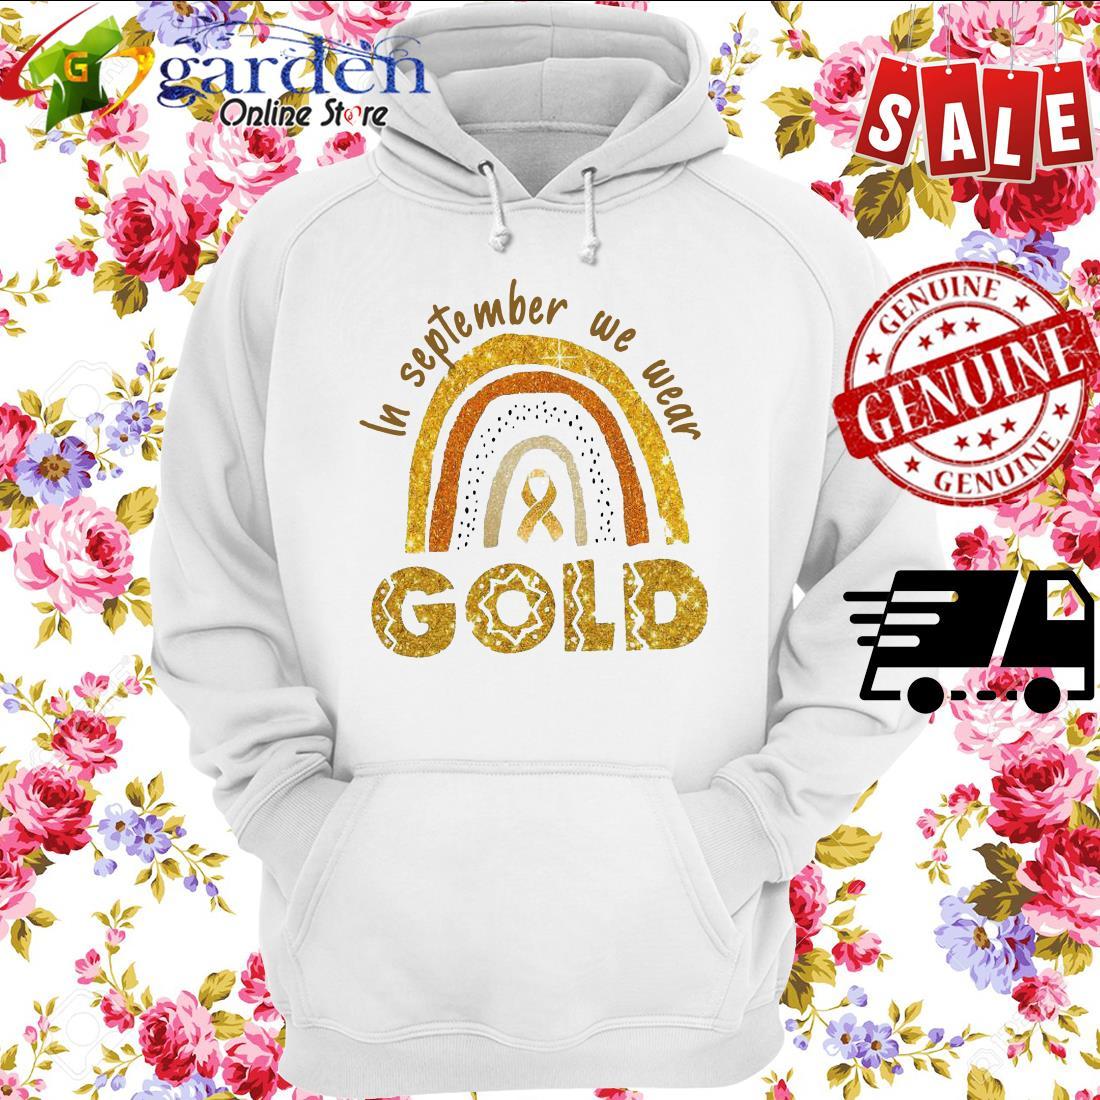 In September We Wear Gold hoodie